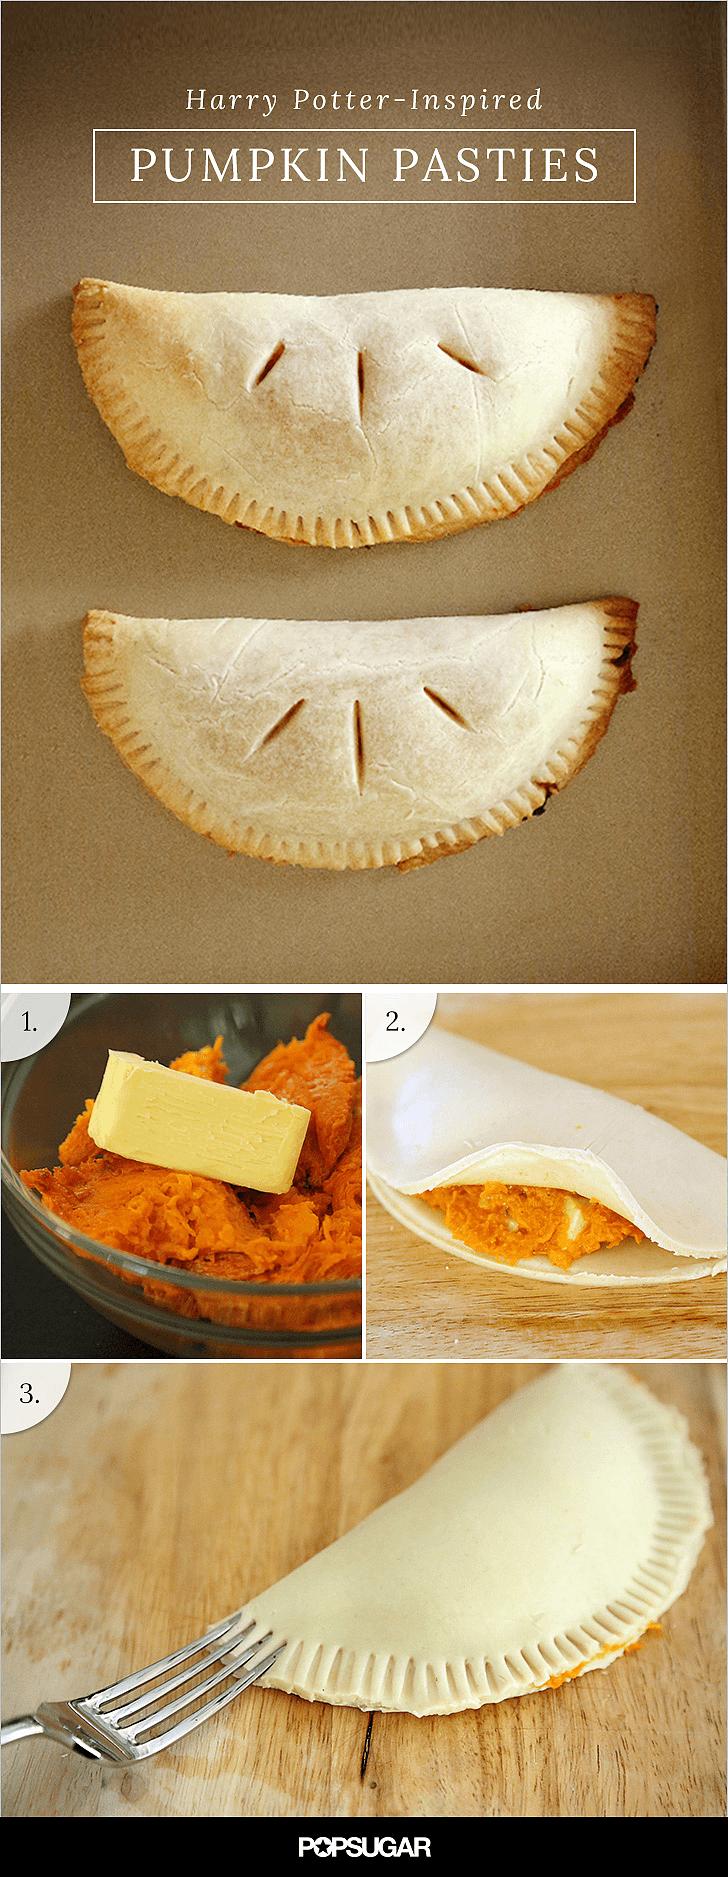 easy pumpkin pasties recipe